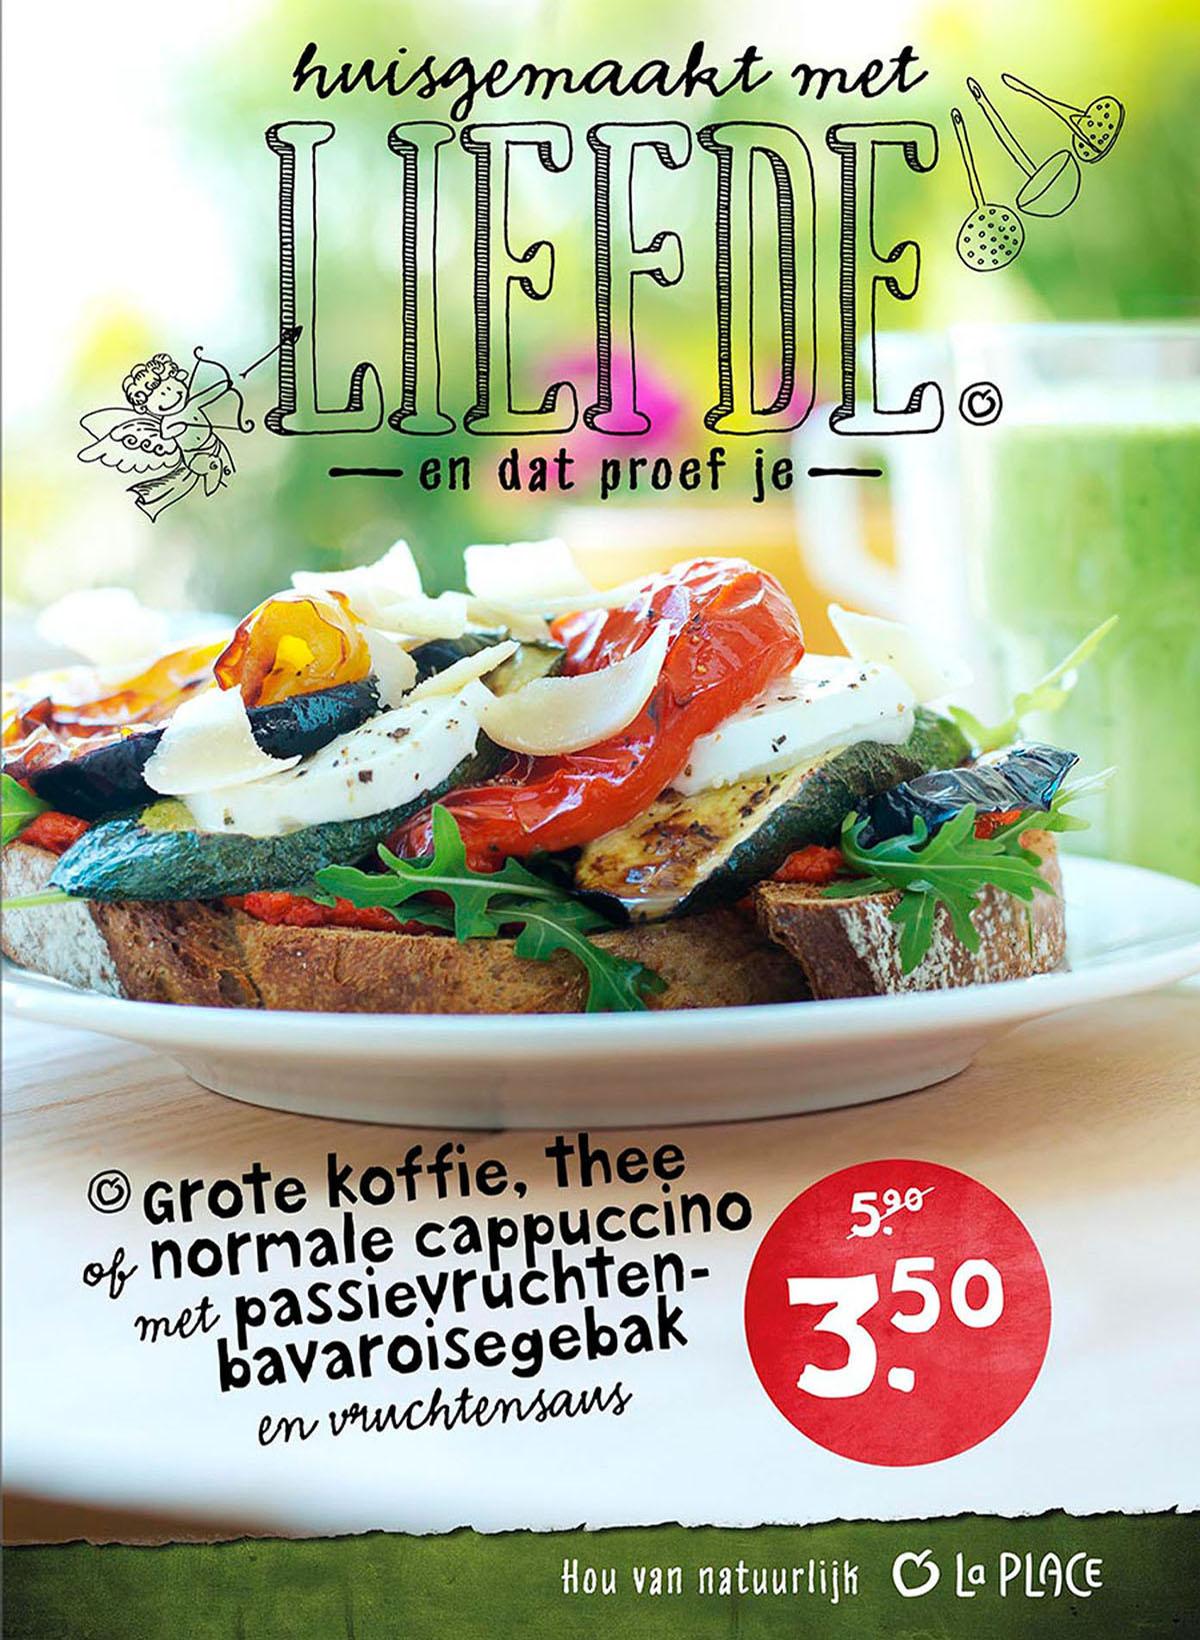 Food fotografie styling van een Bruscietta sandwich uit La Place gemaakt door Studio_m Fotografie Amsterdam